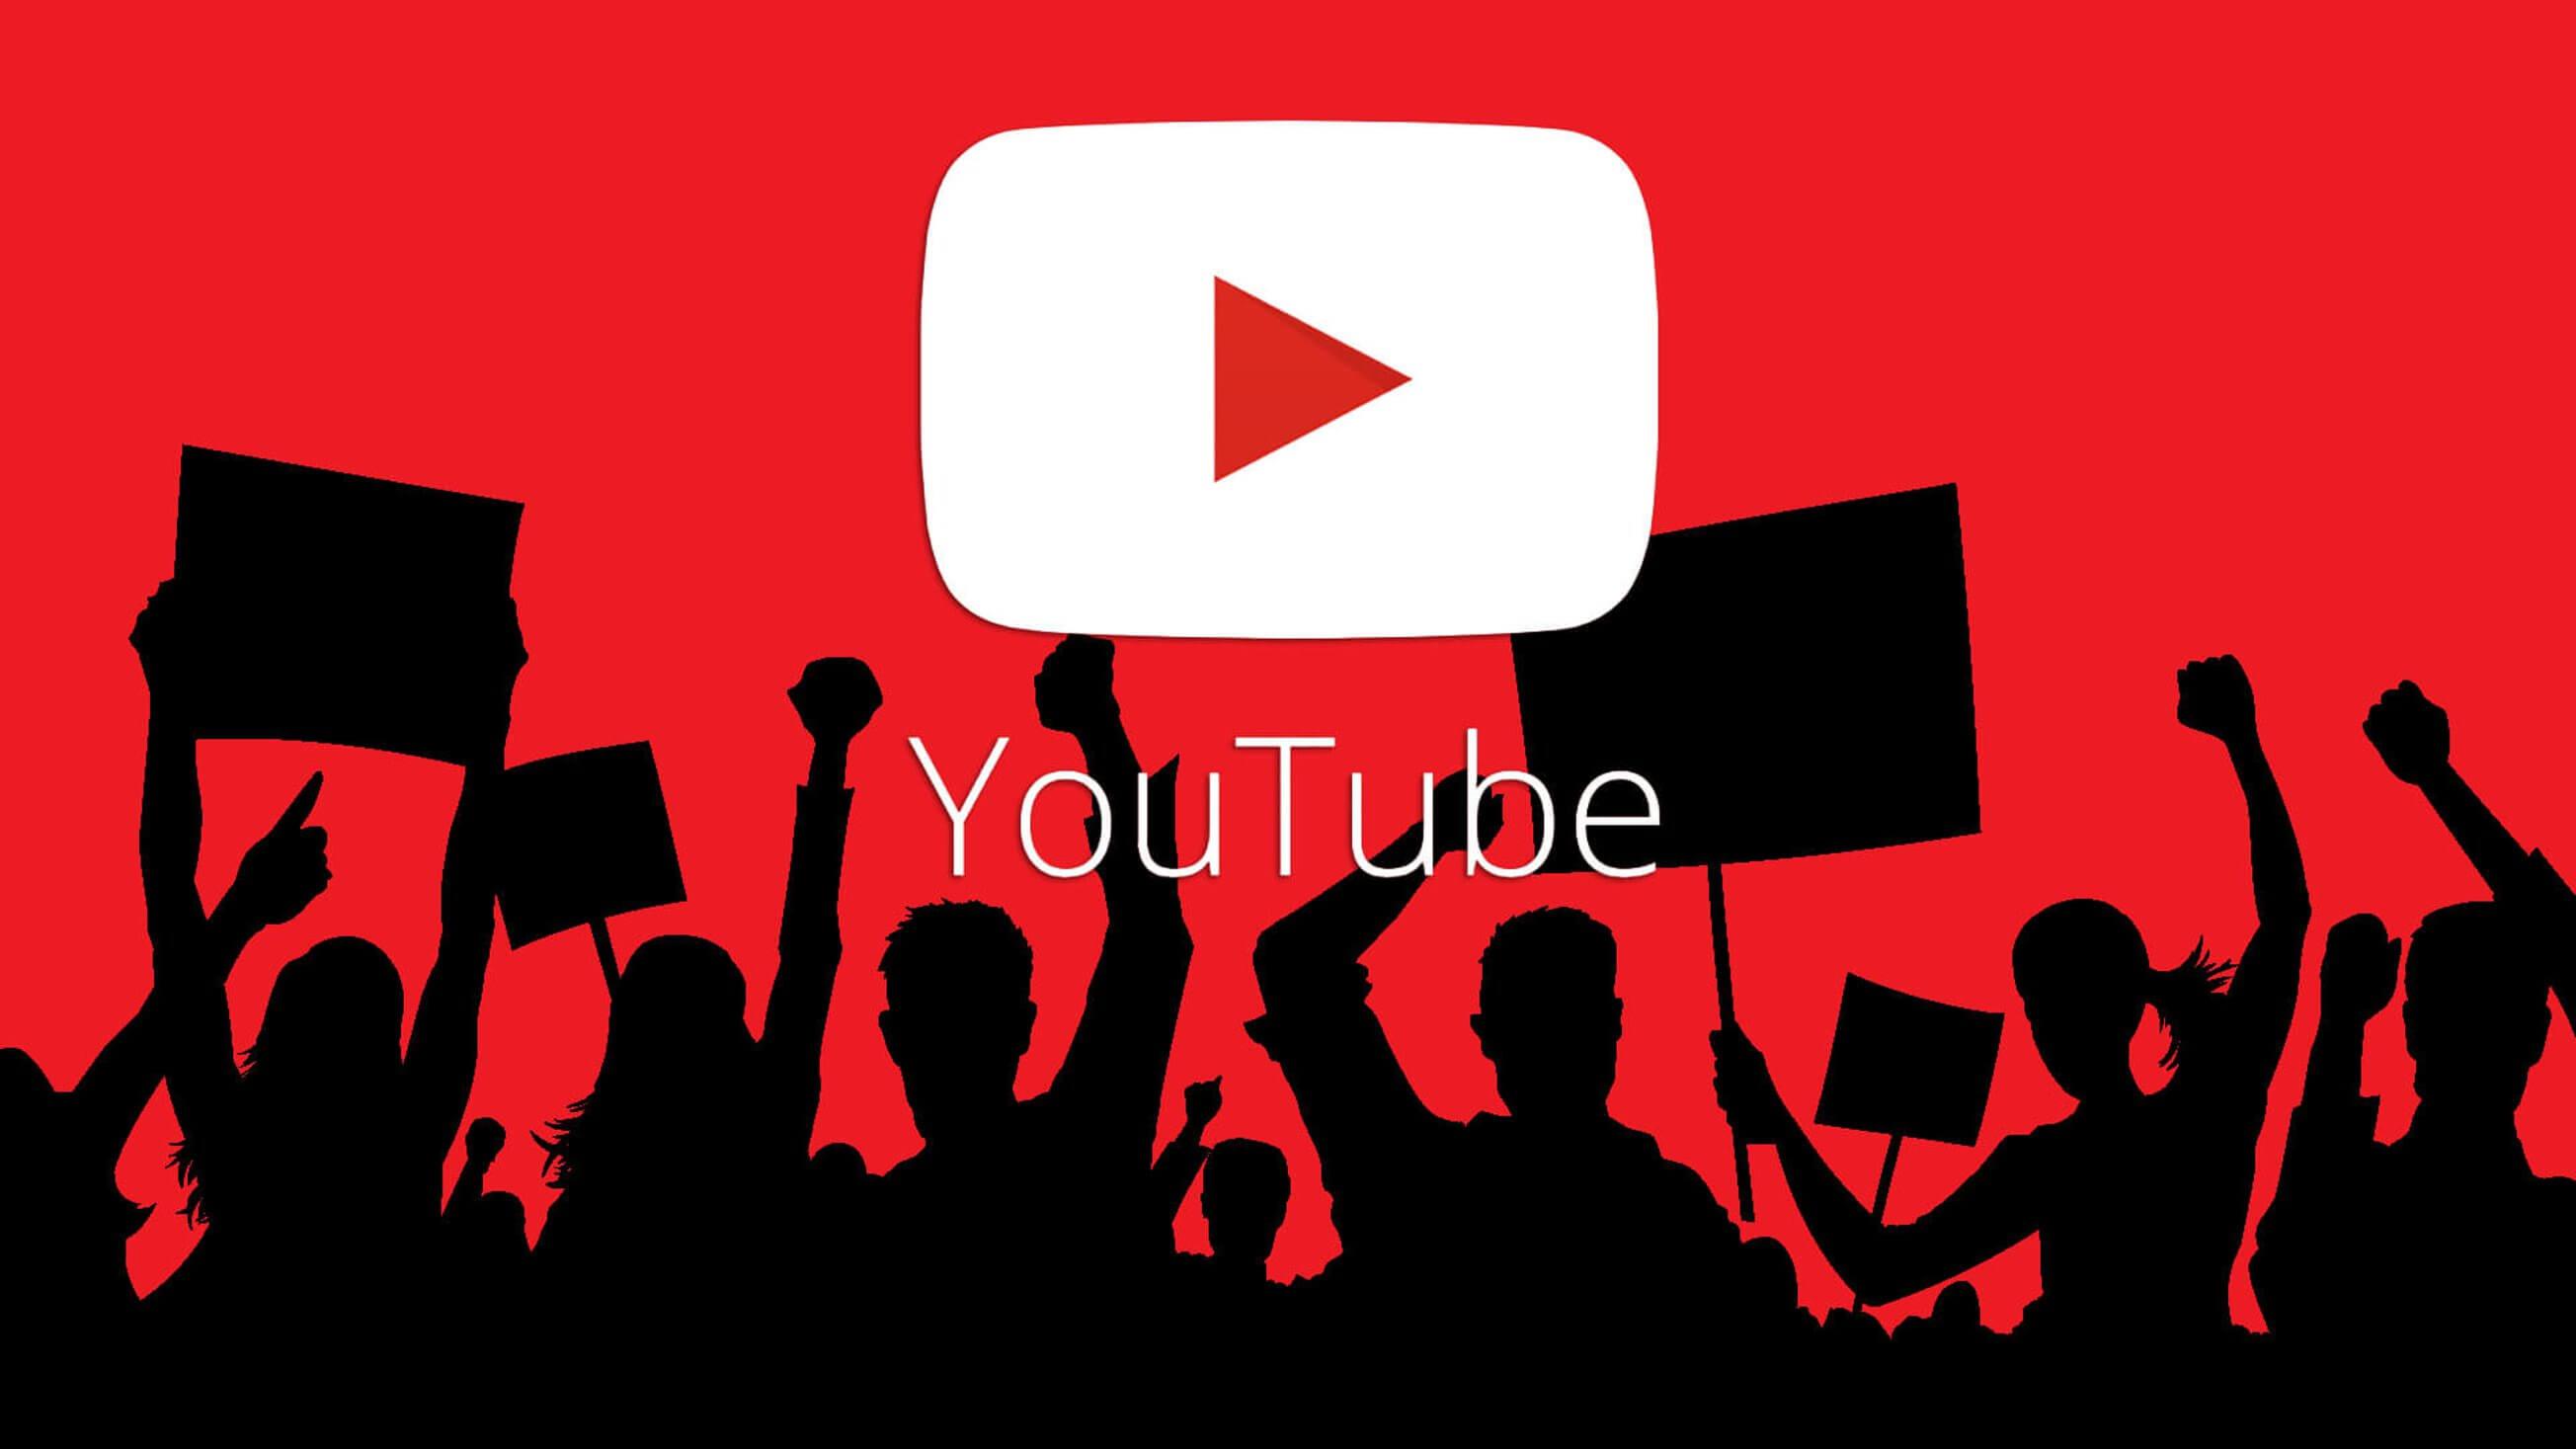 140677 - Youtube Music e Premium chegam ao Brasil. Saiba quanto custa os serviços.